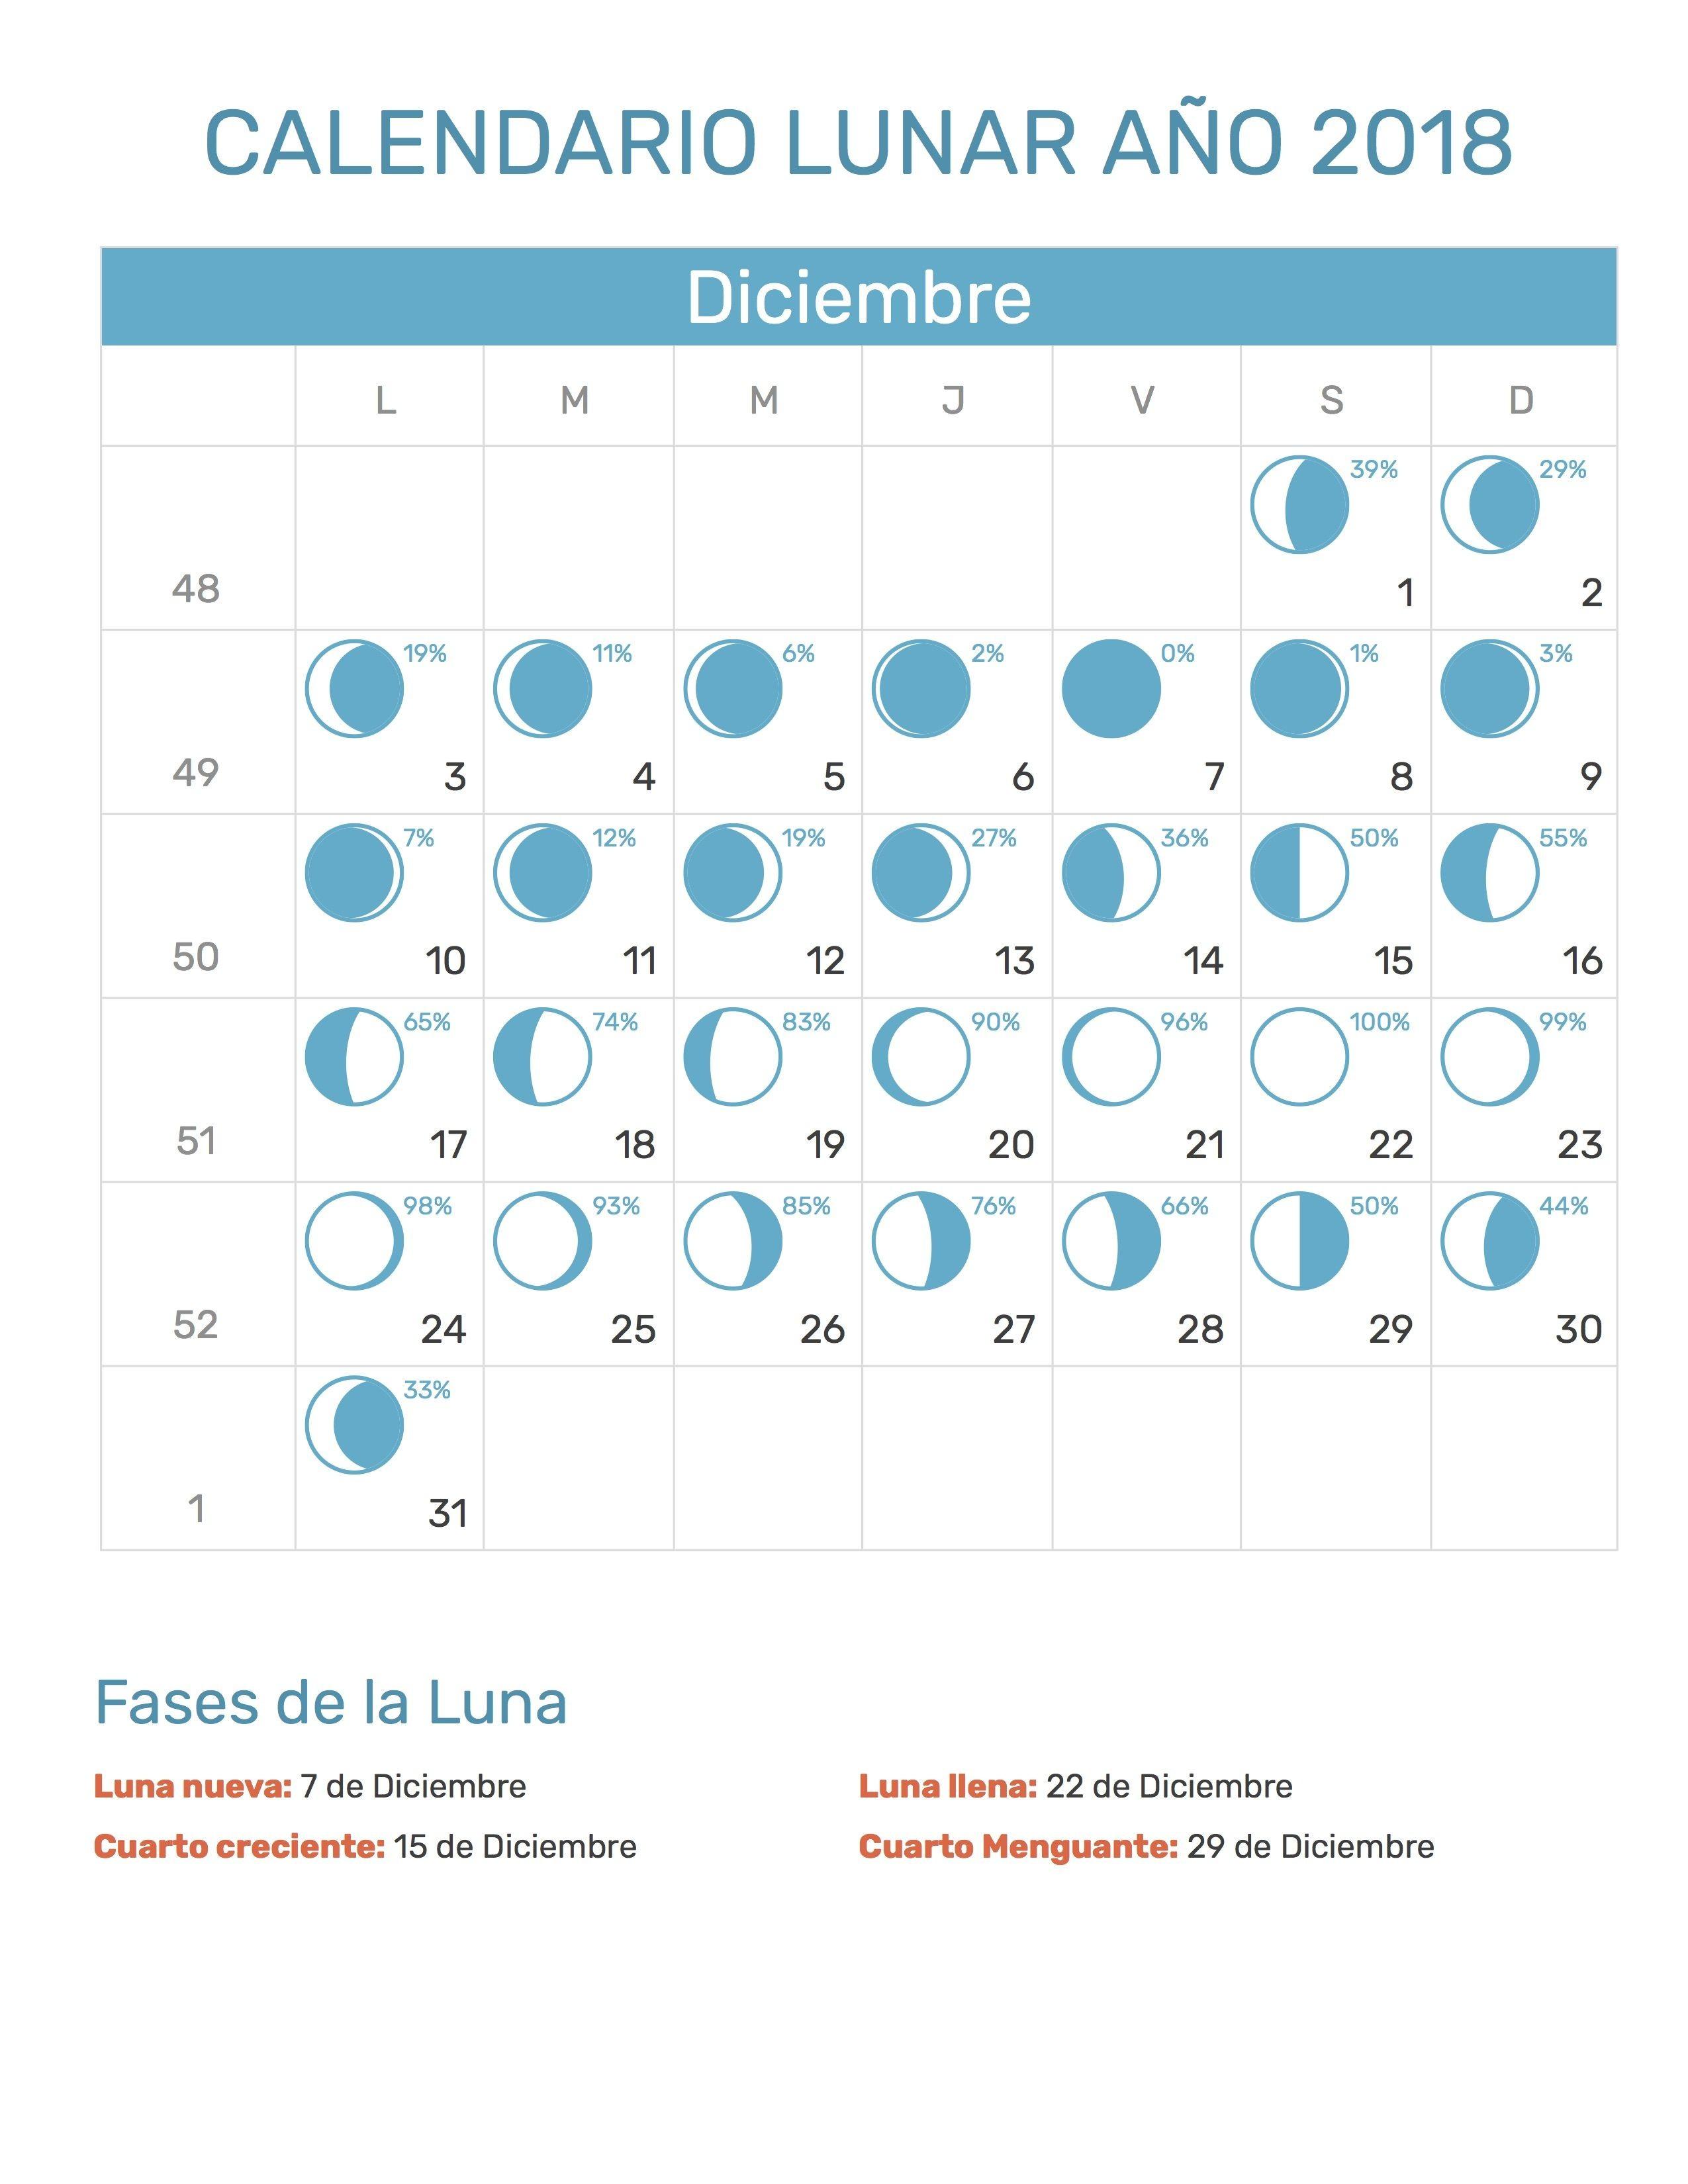 Calendario De 2019 Para Imprimir Gratis Más Actual Pin De Calendario Hispano En Calendario Lunar A±o 2018 Of Calendario De 2019 Para Imprimir Gratis Más Recientemente Liberado Sin Embargo Este Es Calendario Imprimir 2017 Pdf